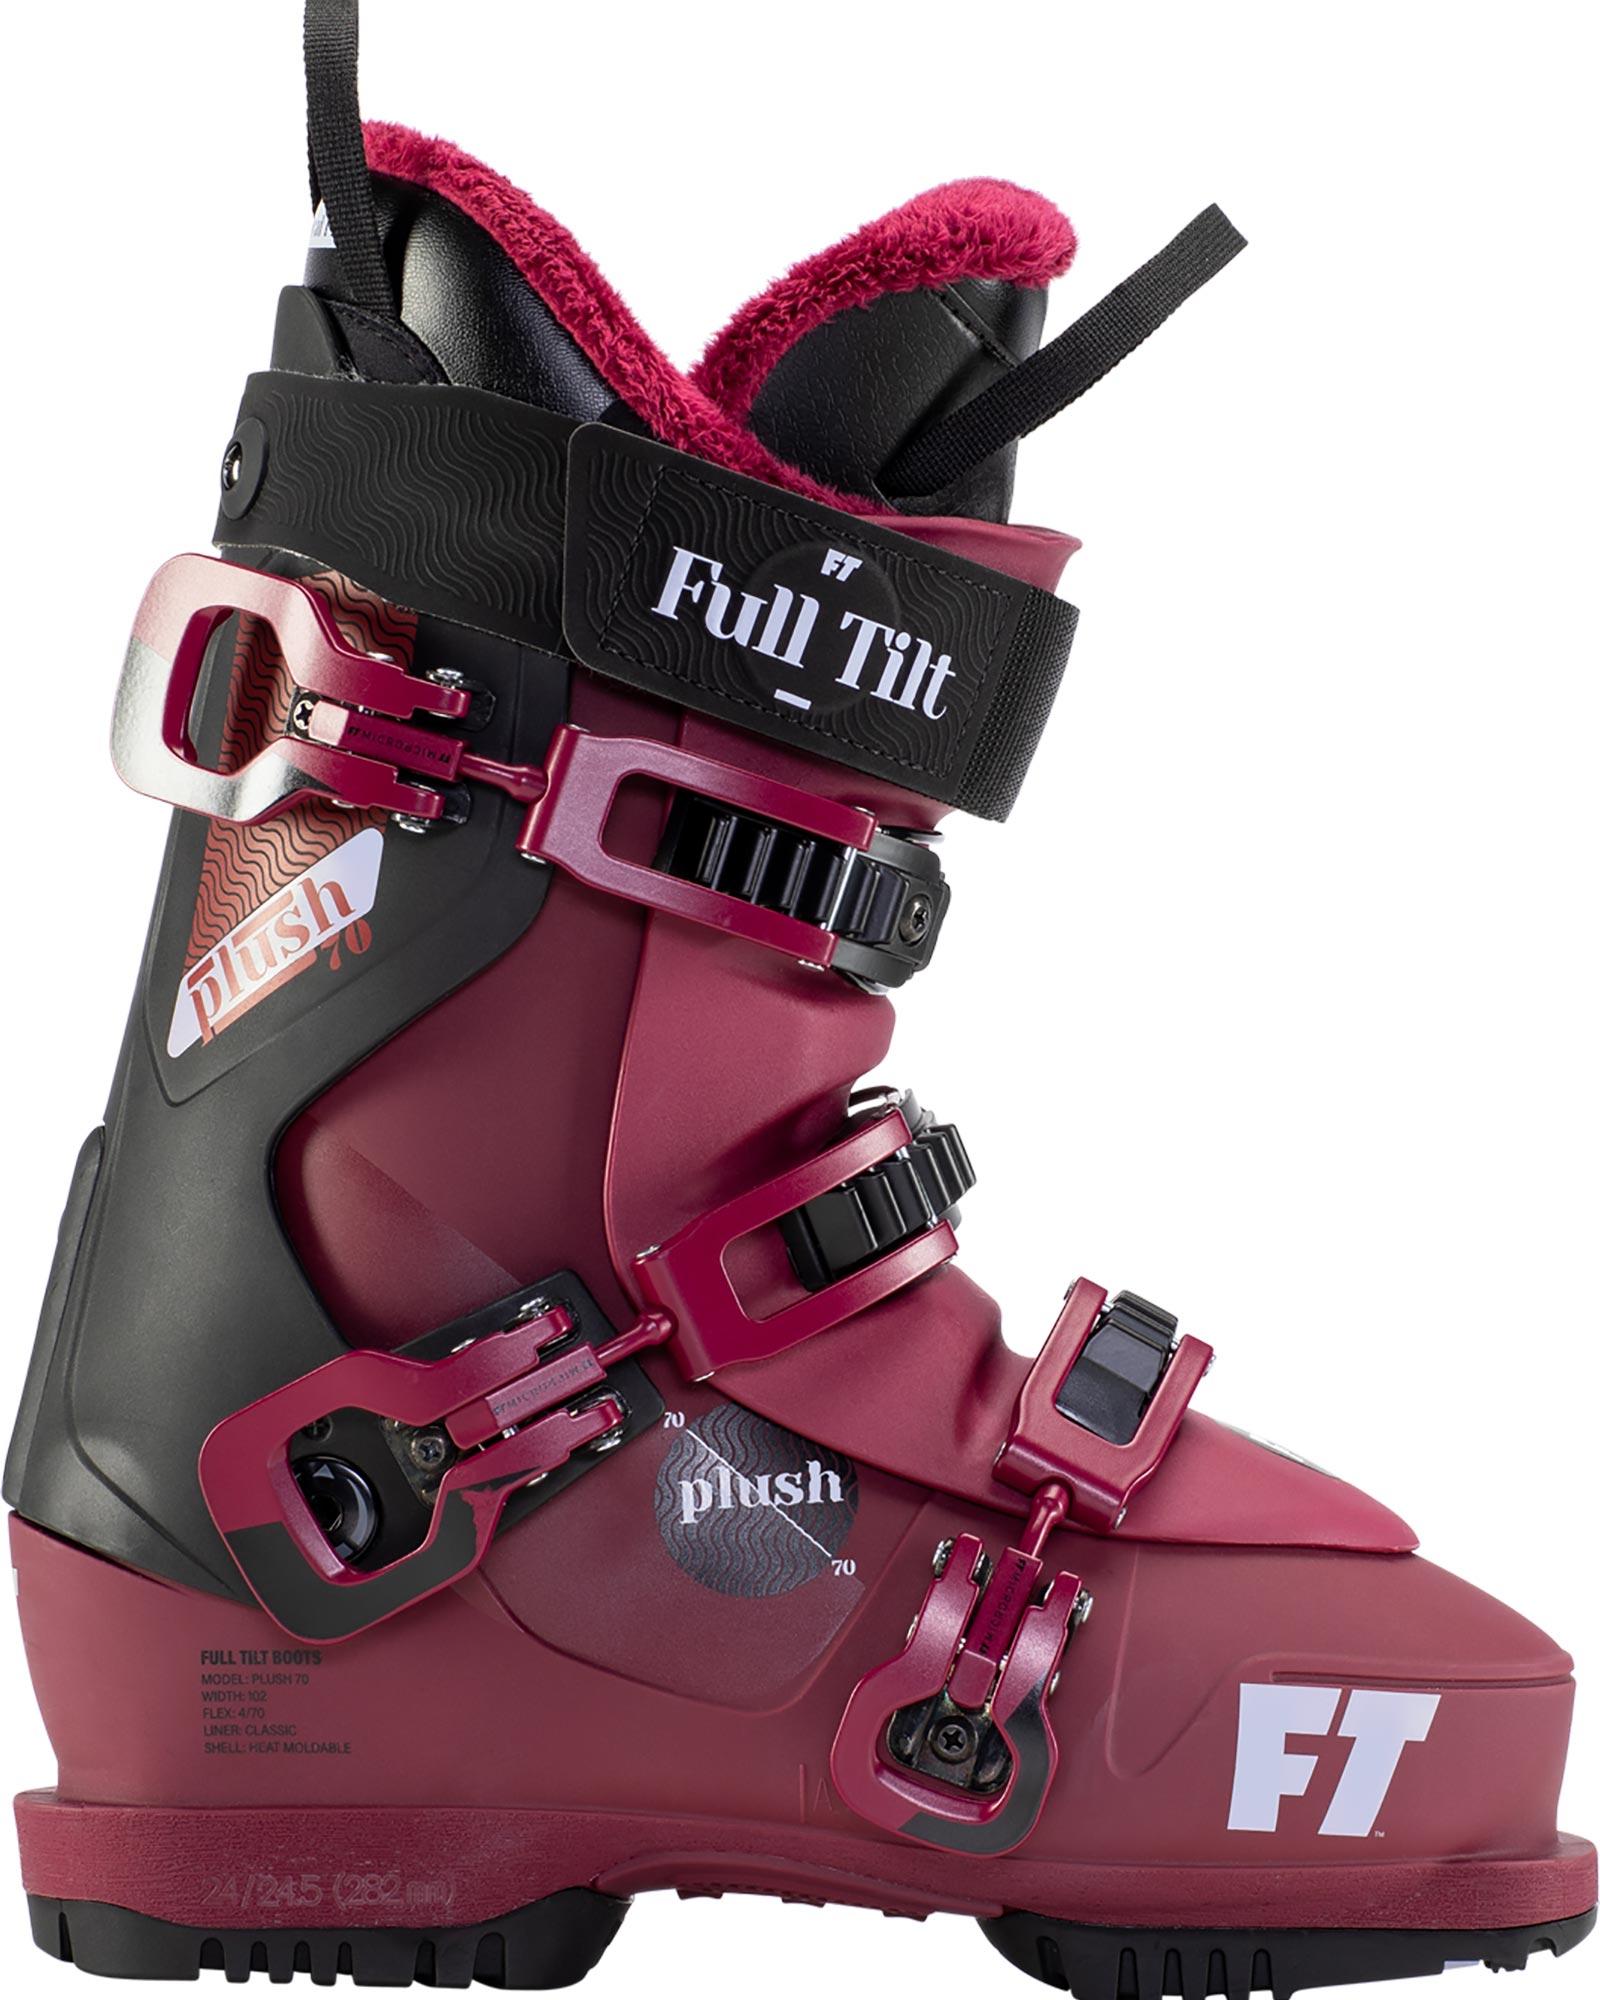 Full Tilt Women's Plush 70 GW Ski Boots 2020 / 2021 0